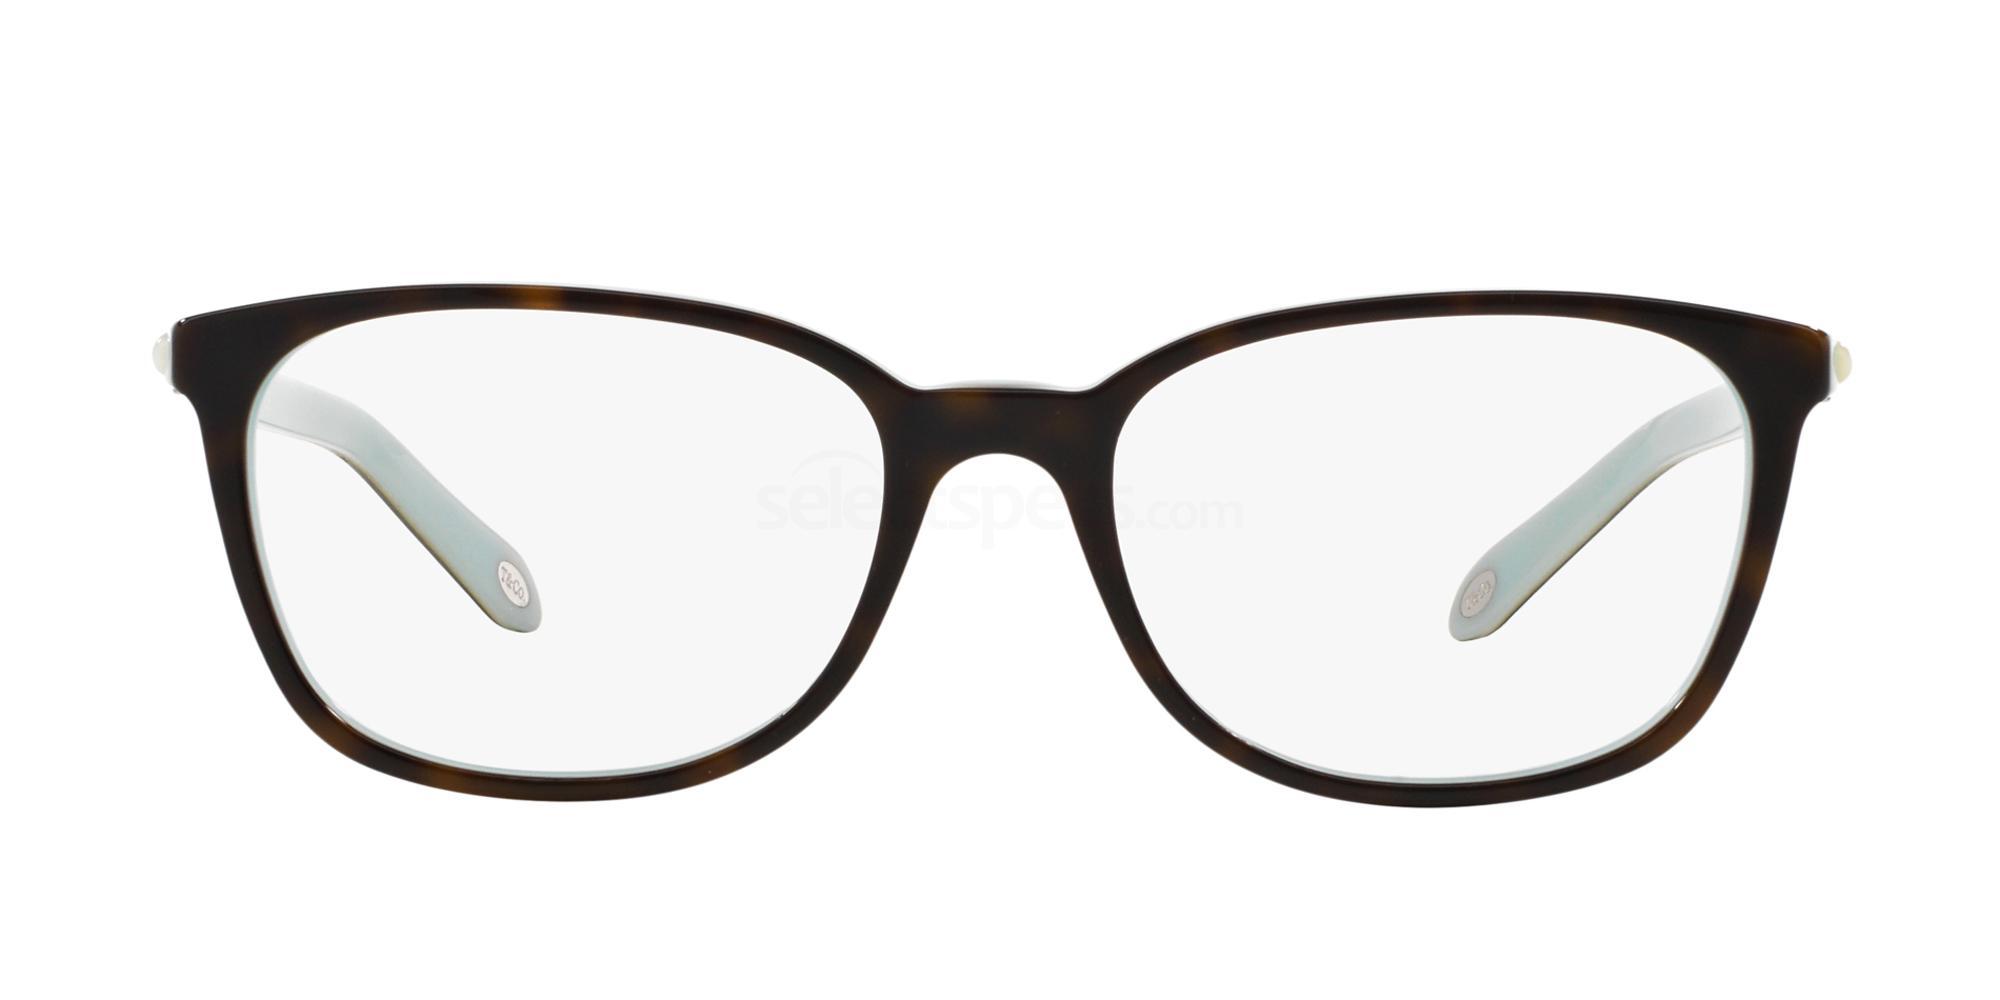 8134 TF2109HB Glasses, Tiffany & Co.